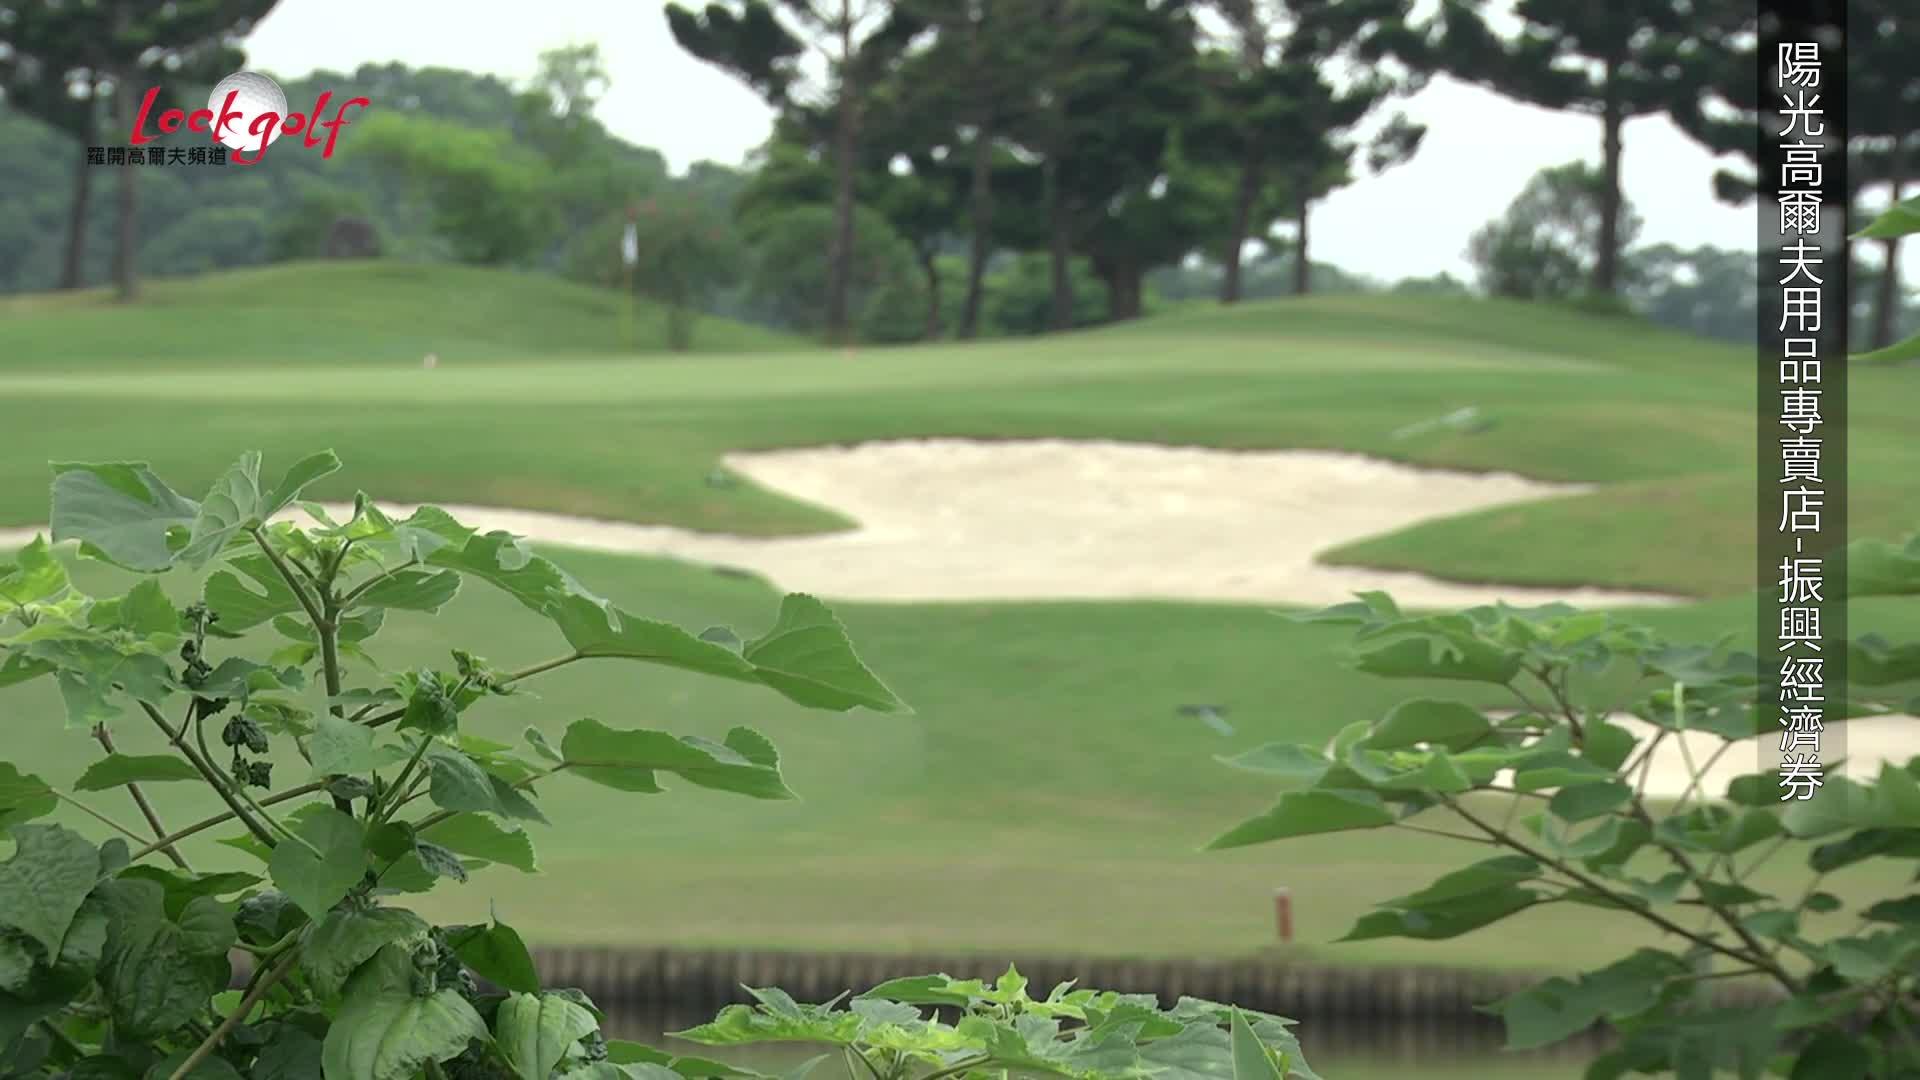 羅開影音-陽光高爾夫服務多元,動滋券、三倍券皆可使用